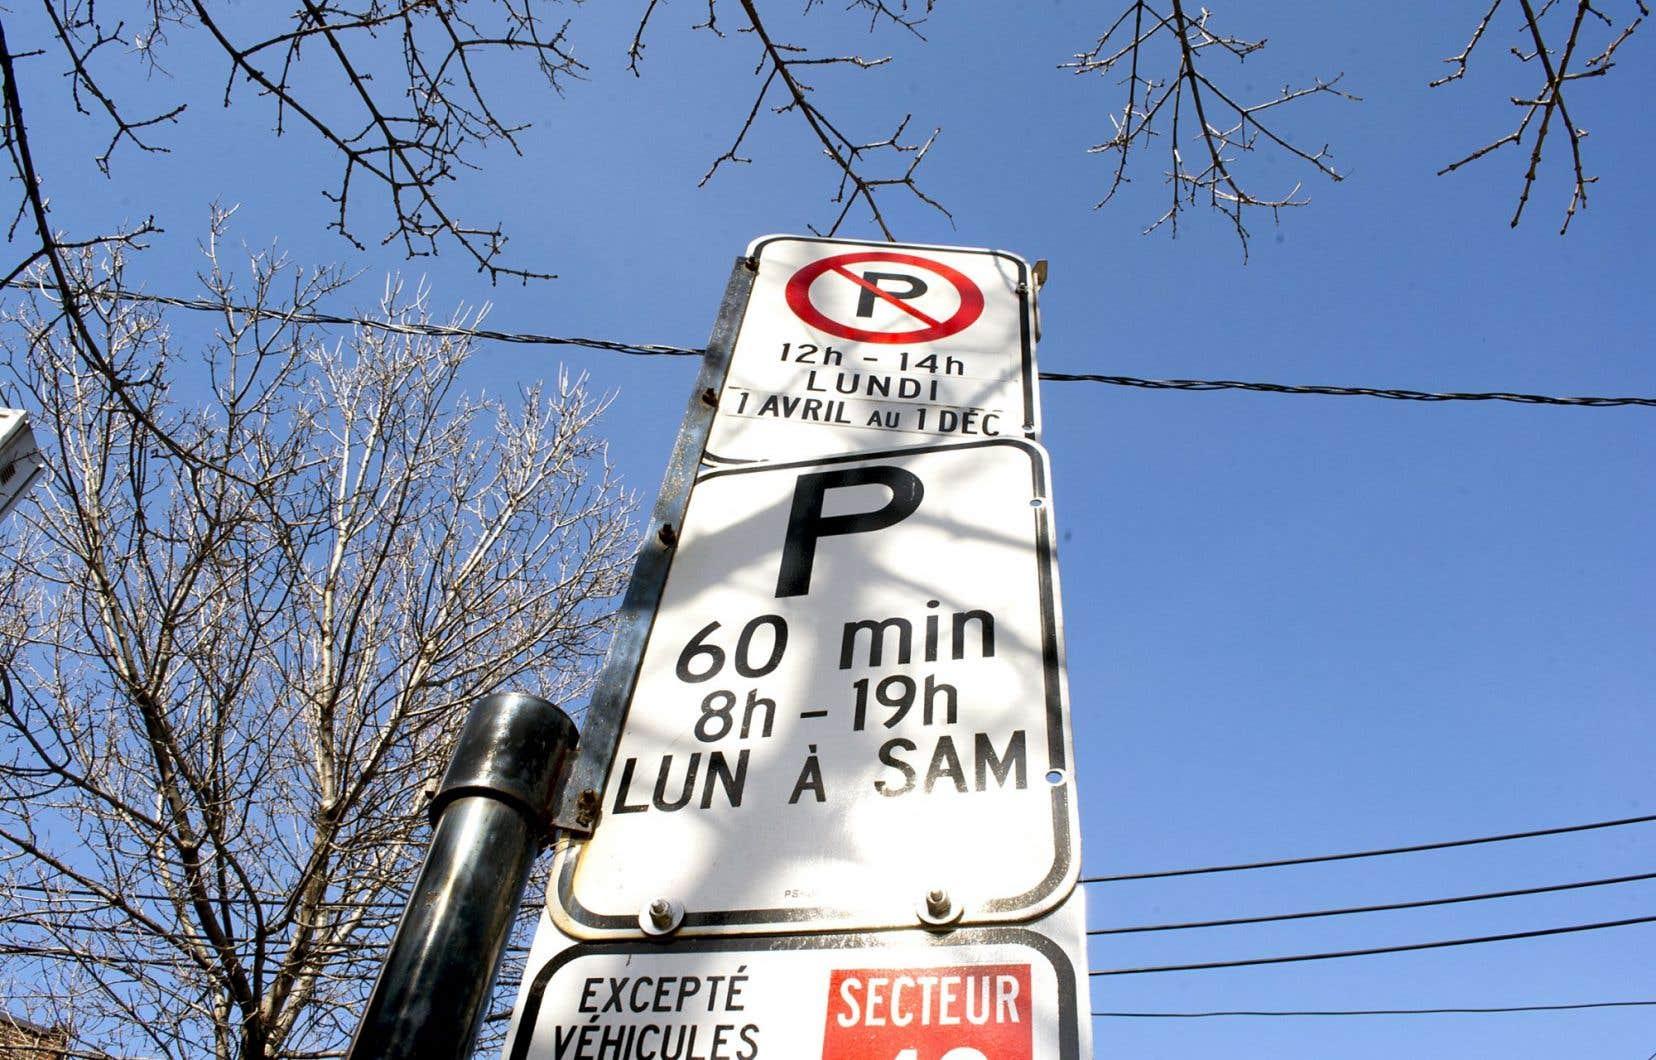 Des experts plaident pour que Montréal améliore la gestion du réseau de stationnement avant de bétonner de nouveaux espaces.